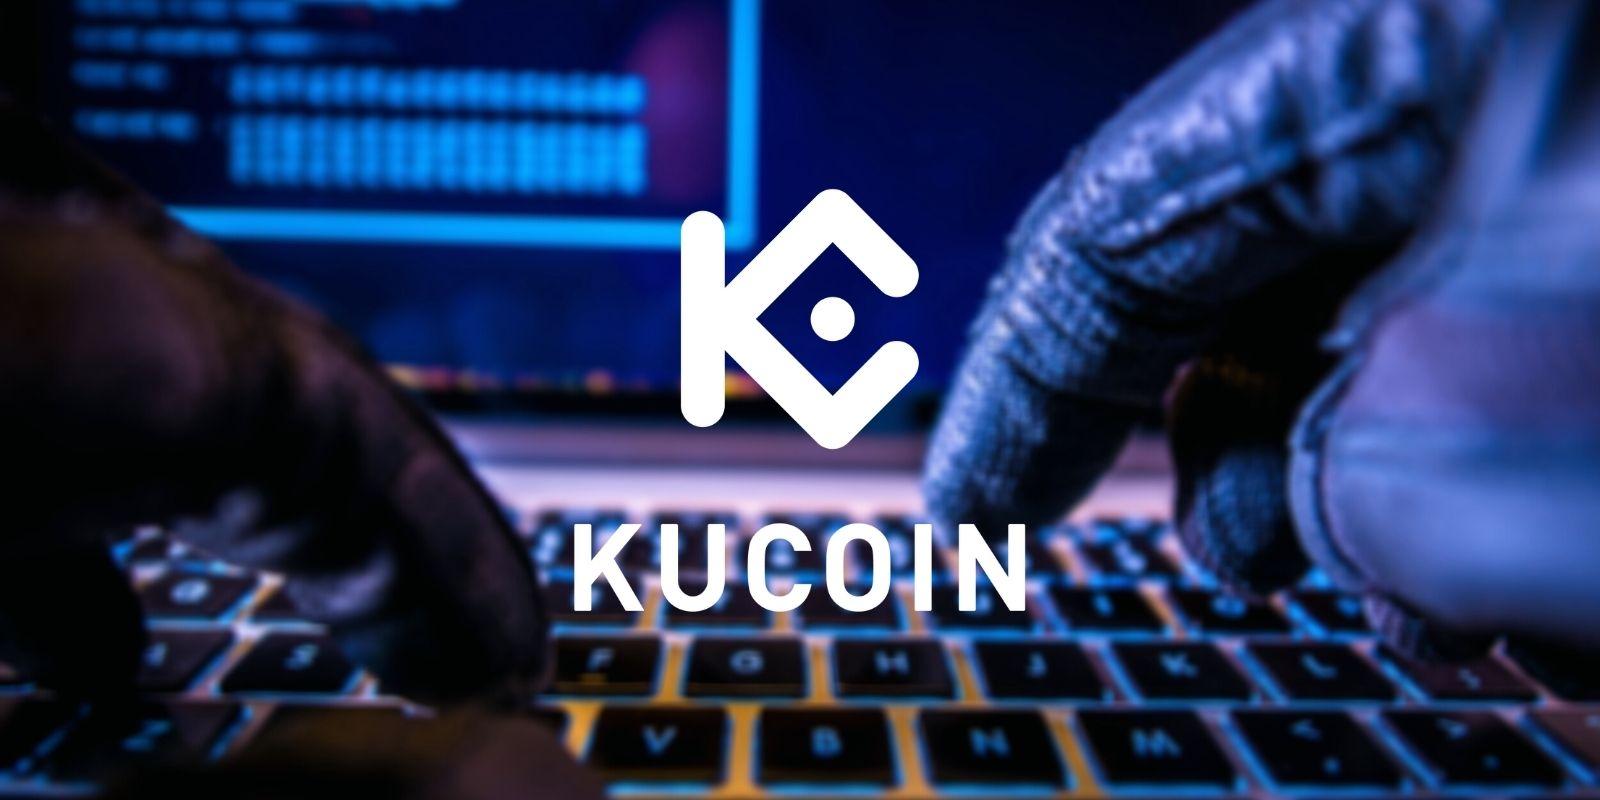 مخترق منصة Kucoin لتداول العملات الرقمية يتوجه لمنصة Uniswap لتفريغ مسروقاته